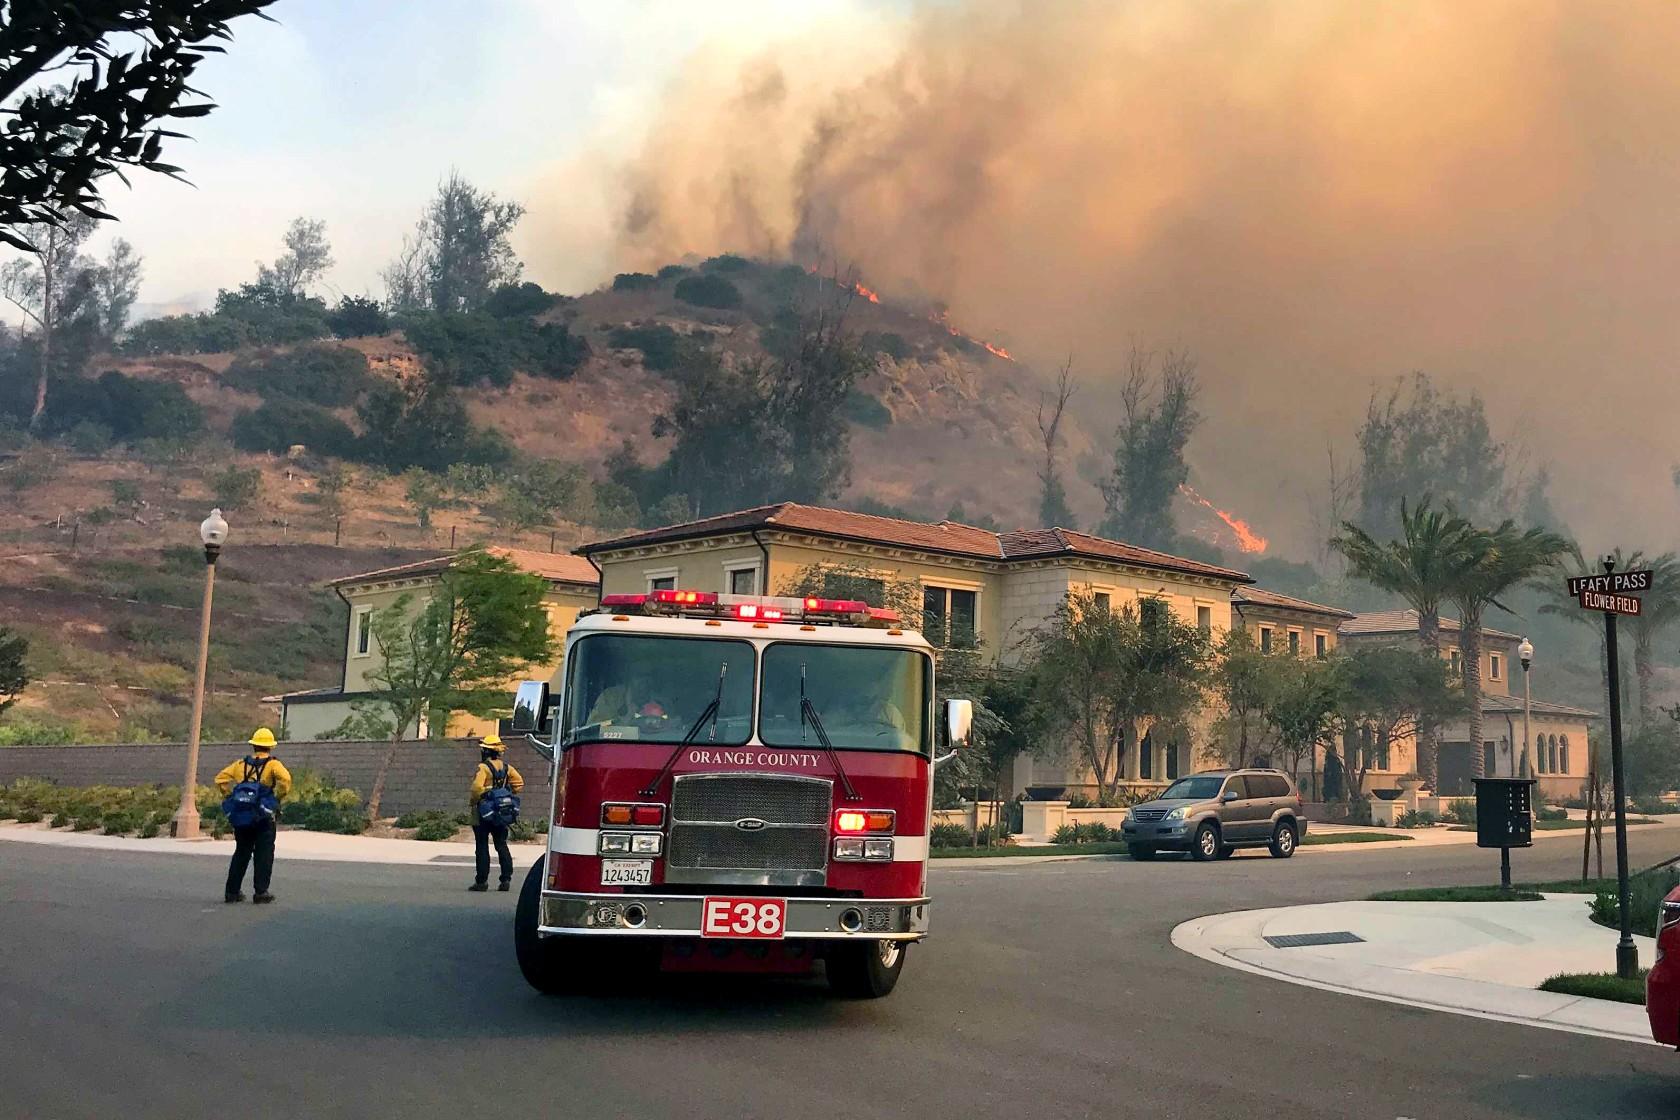 Десятки тисяч сімей змушені покинути домівки через лісові пожежі у США: опубліковані жахливі фото - фото 2